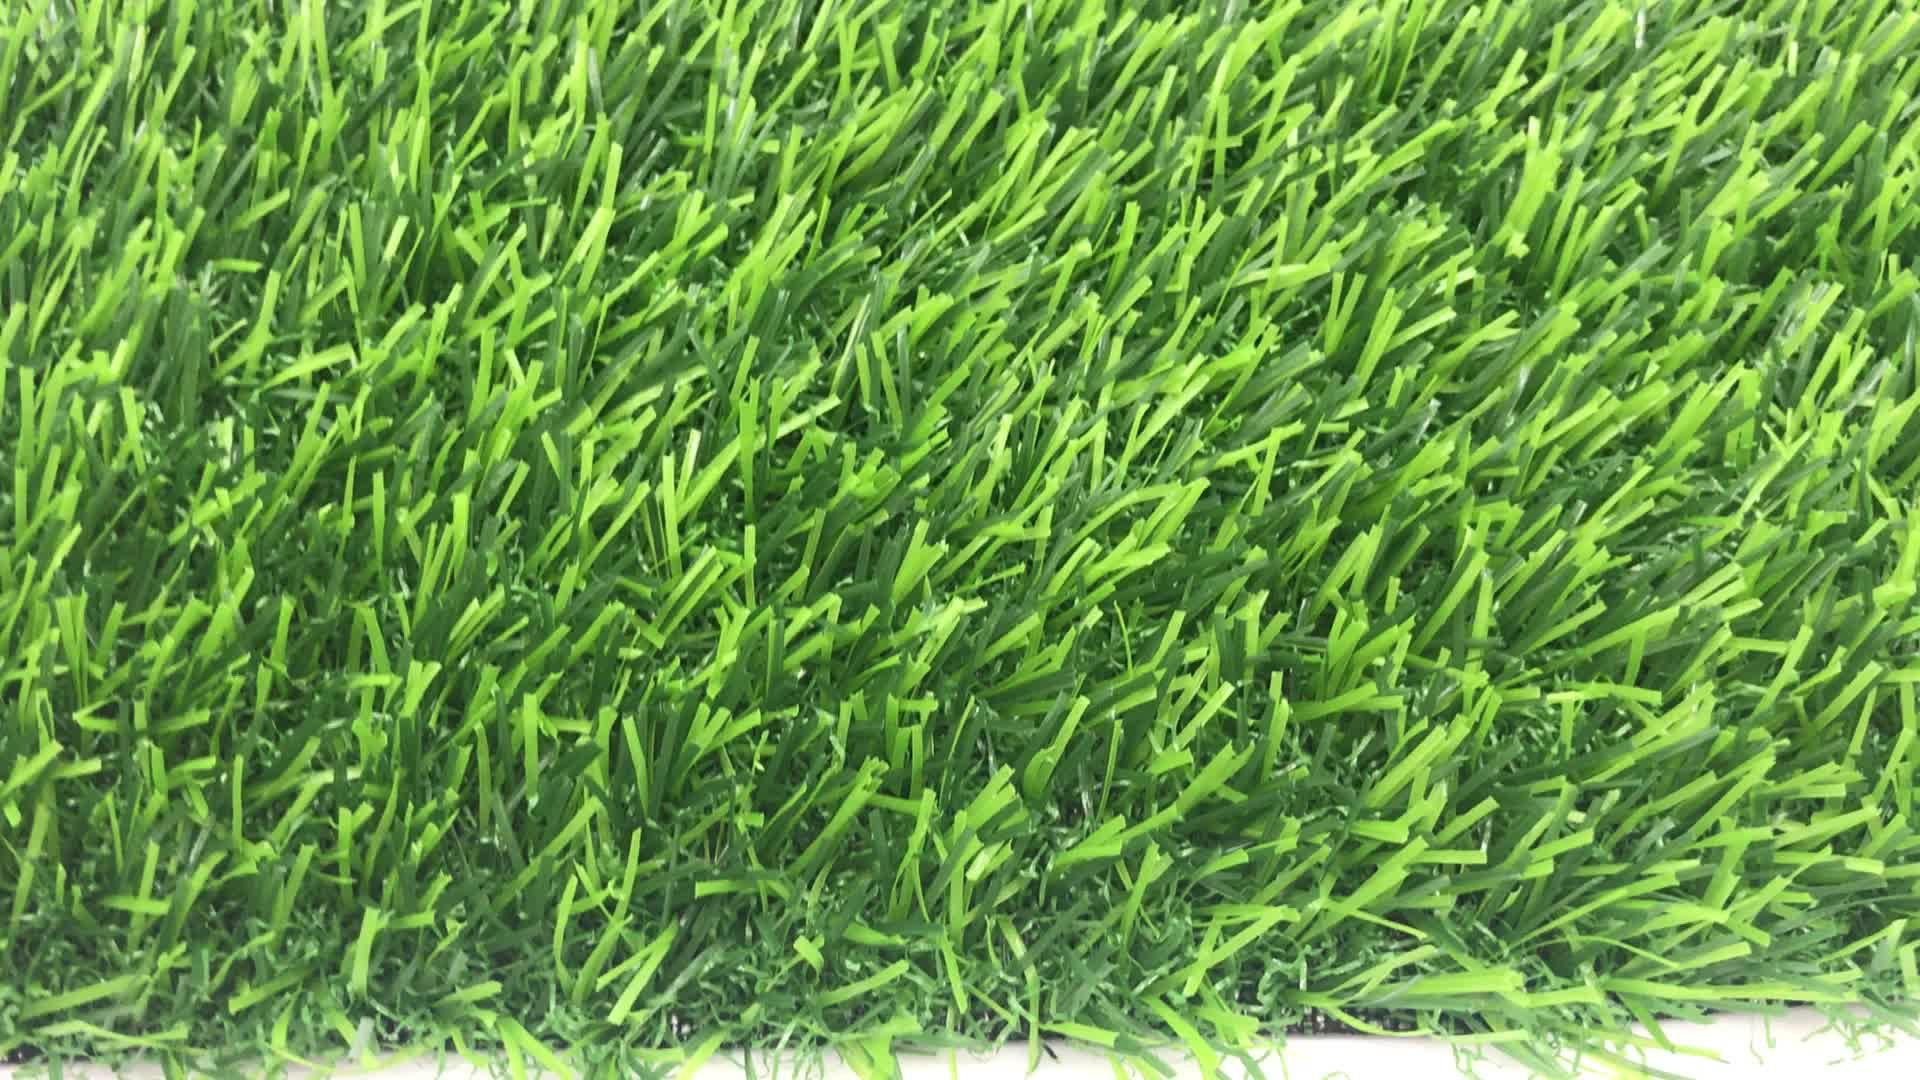 25 millimetri Resistente AI RAGGI UV A Prova di Fuoco del Paesaggio Erba Sintetica per il Giardino